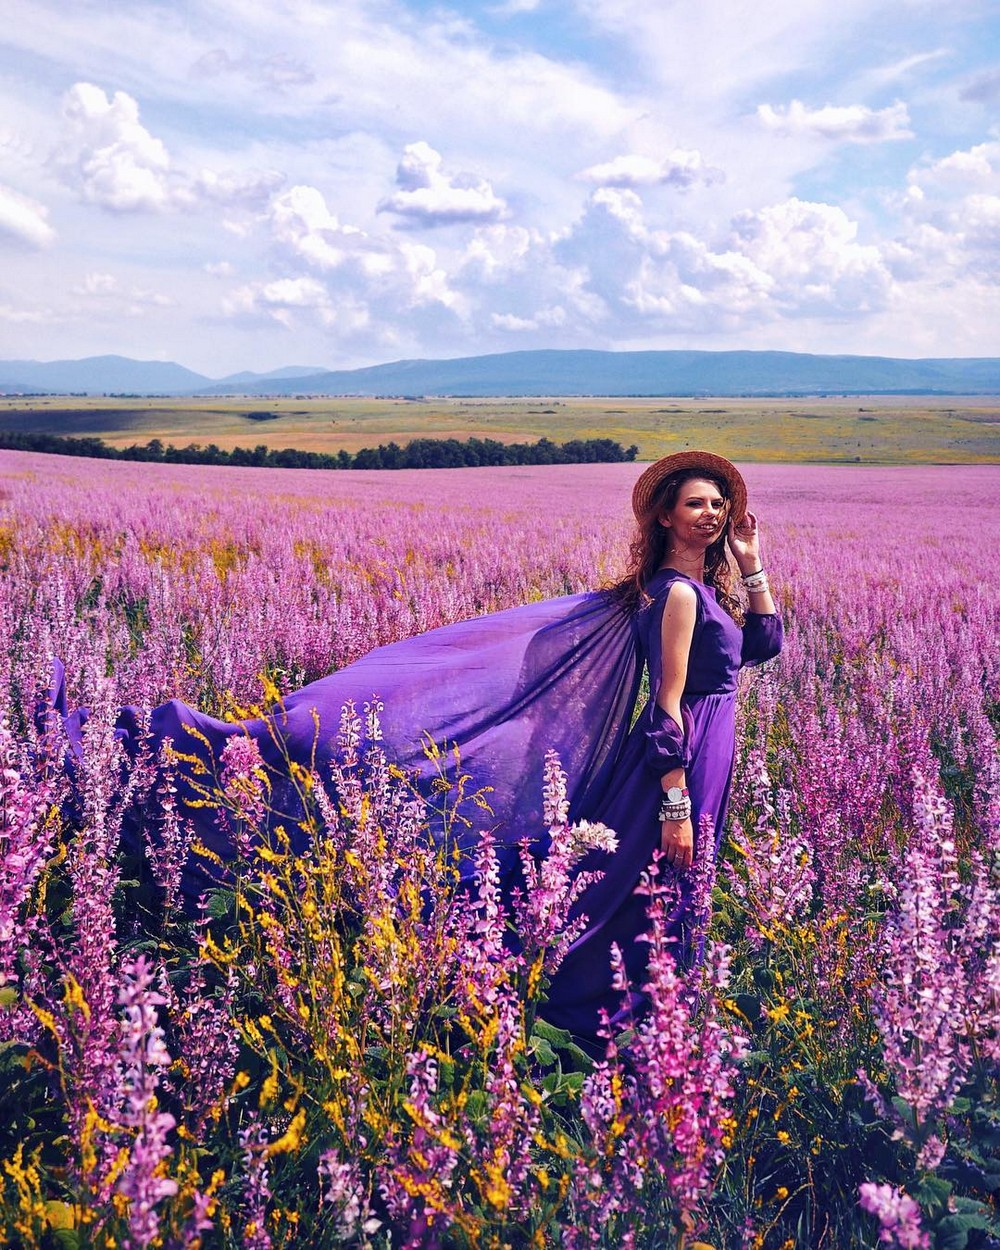 Фотопроект #MyDressStories: девушка в красивых платьях на фоне живописных мест